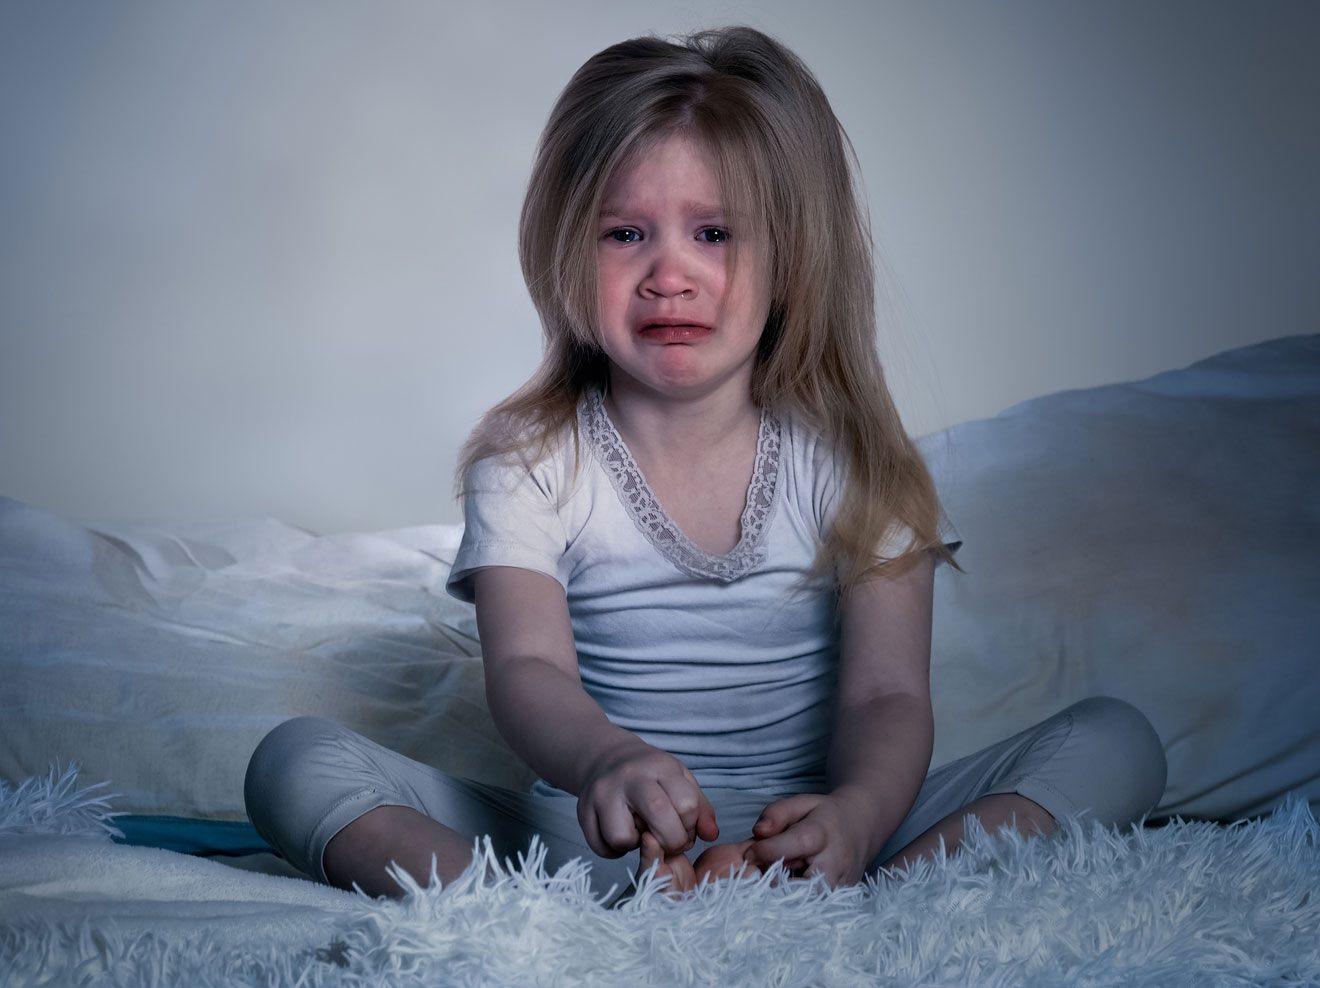 Nachtschreck: Wenn Kinder im Schlaf plötzlich schreien und weinen